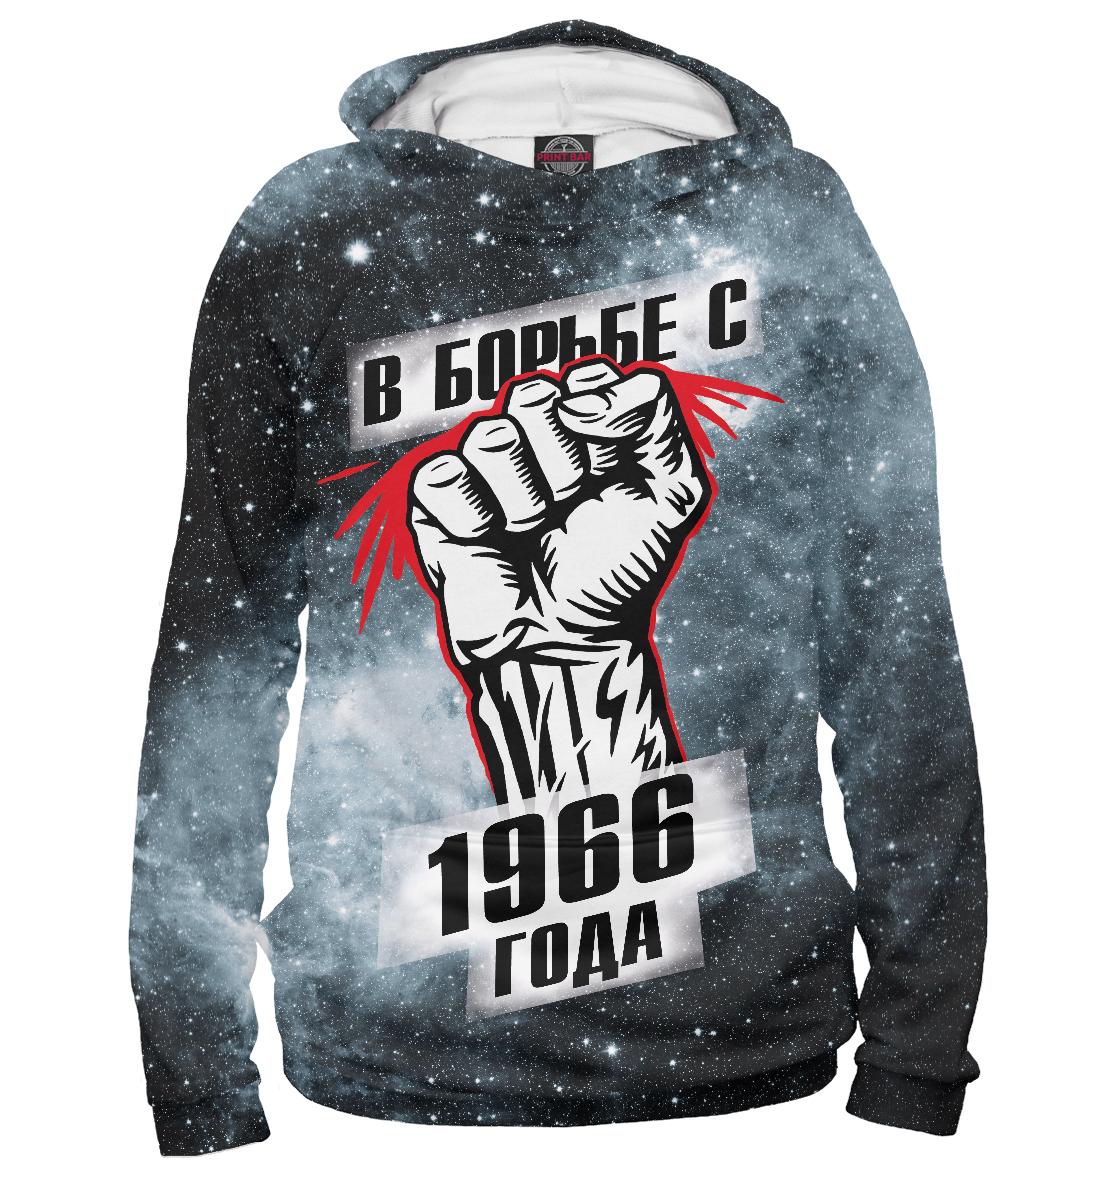 Купить В борьбе с 1966 года, Printbar, Худи, DHH-932105-hud-2